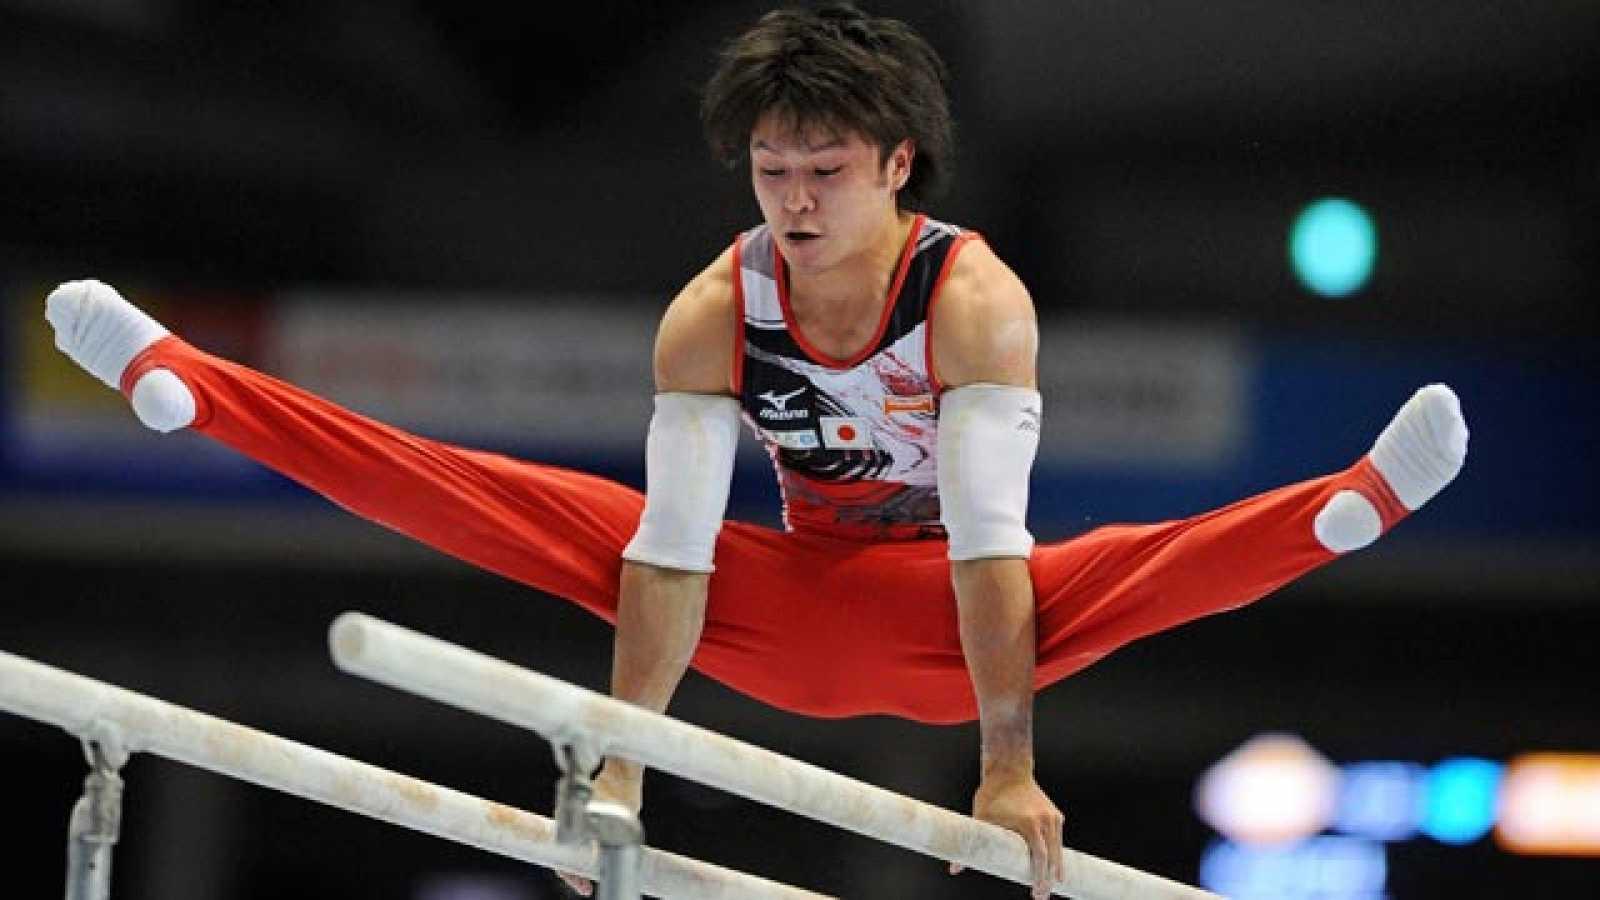 El japon s uchimura entra en la historia de la gimnasia for Gimnasia informacion